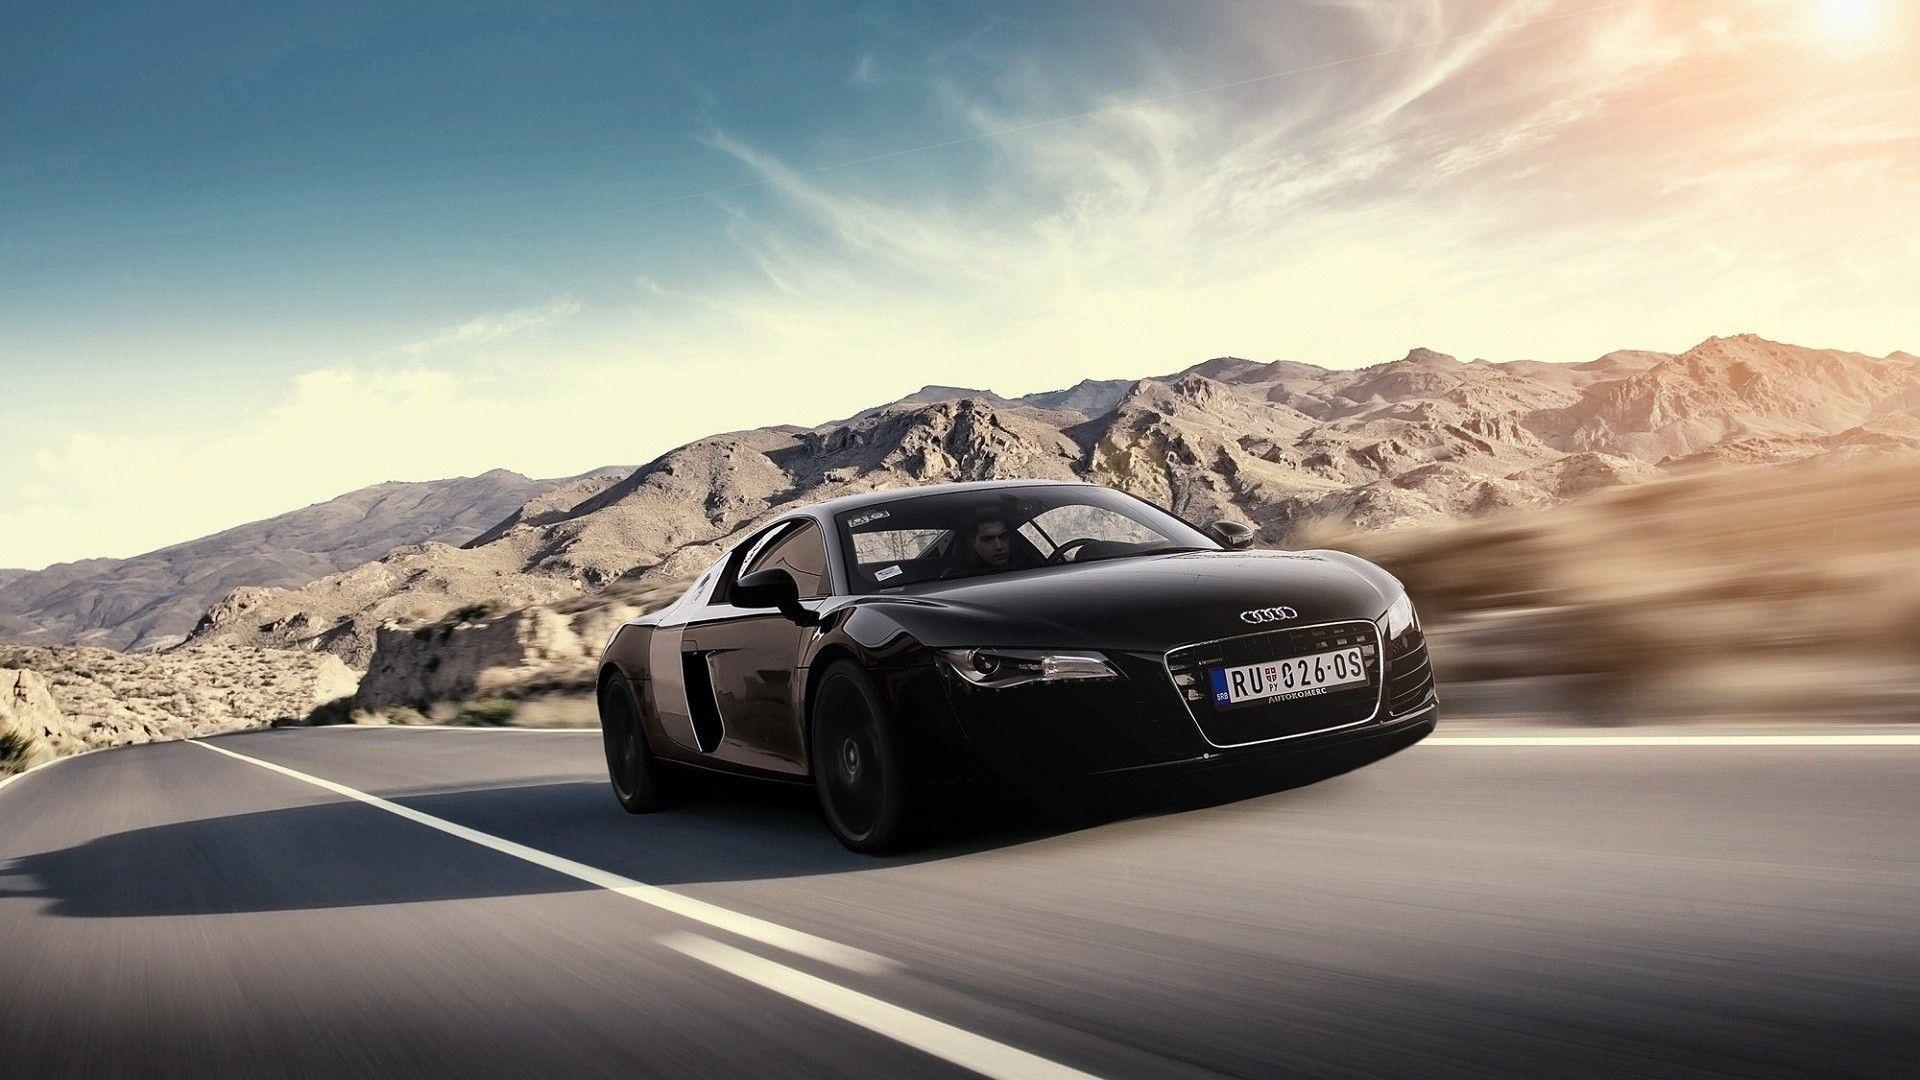 Классные картинки и обои автомобиля Audi R8 - подборка 25 фото 24